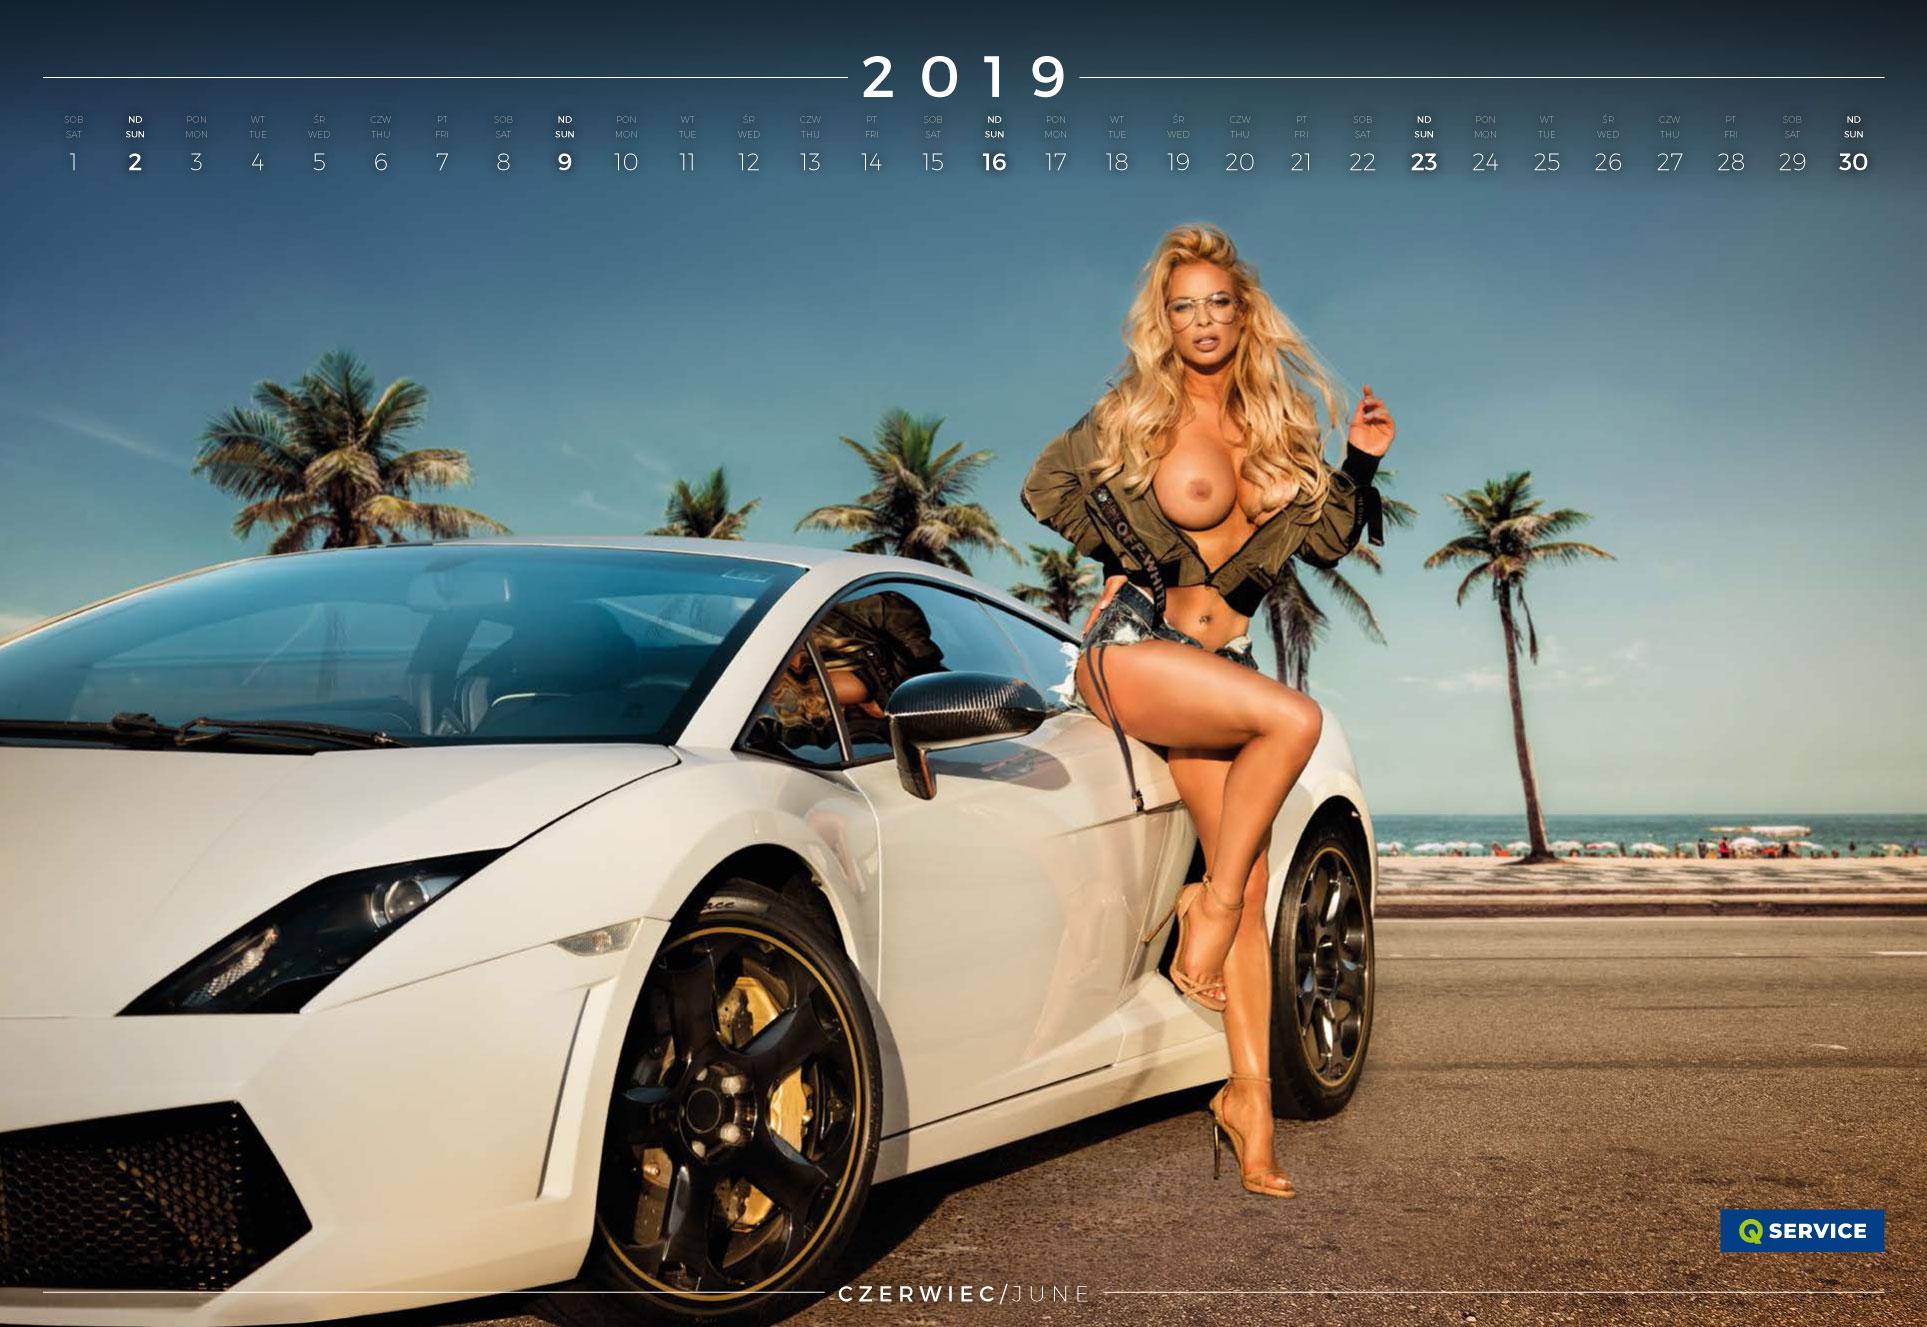 июнь - эротический календарь 2019 Inter Cars SA / польский дистрибьютор автомобилей, сопутствующих товаров и запчастей